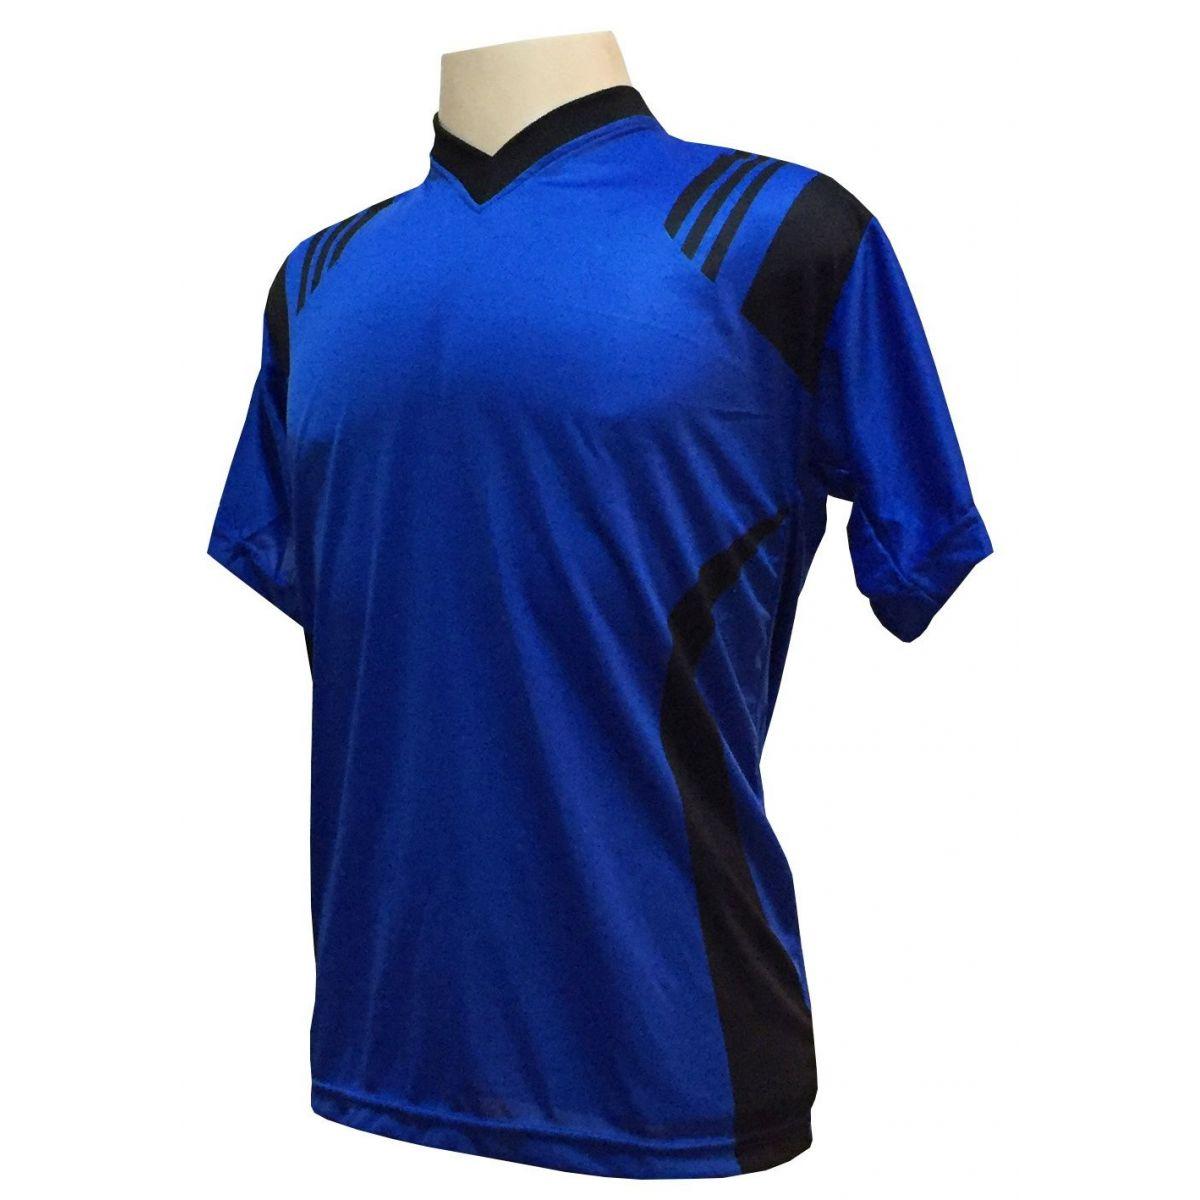 Uniforme Completo modelo Roma Royal/Preto 12+1 (12 camisas + 12 calções + 13 pares de meiões + 1 conjunto de goleiro) + Brindes